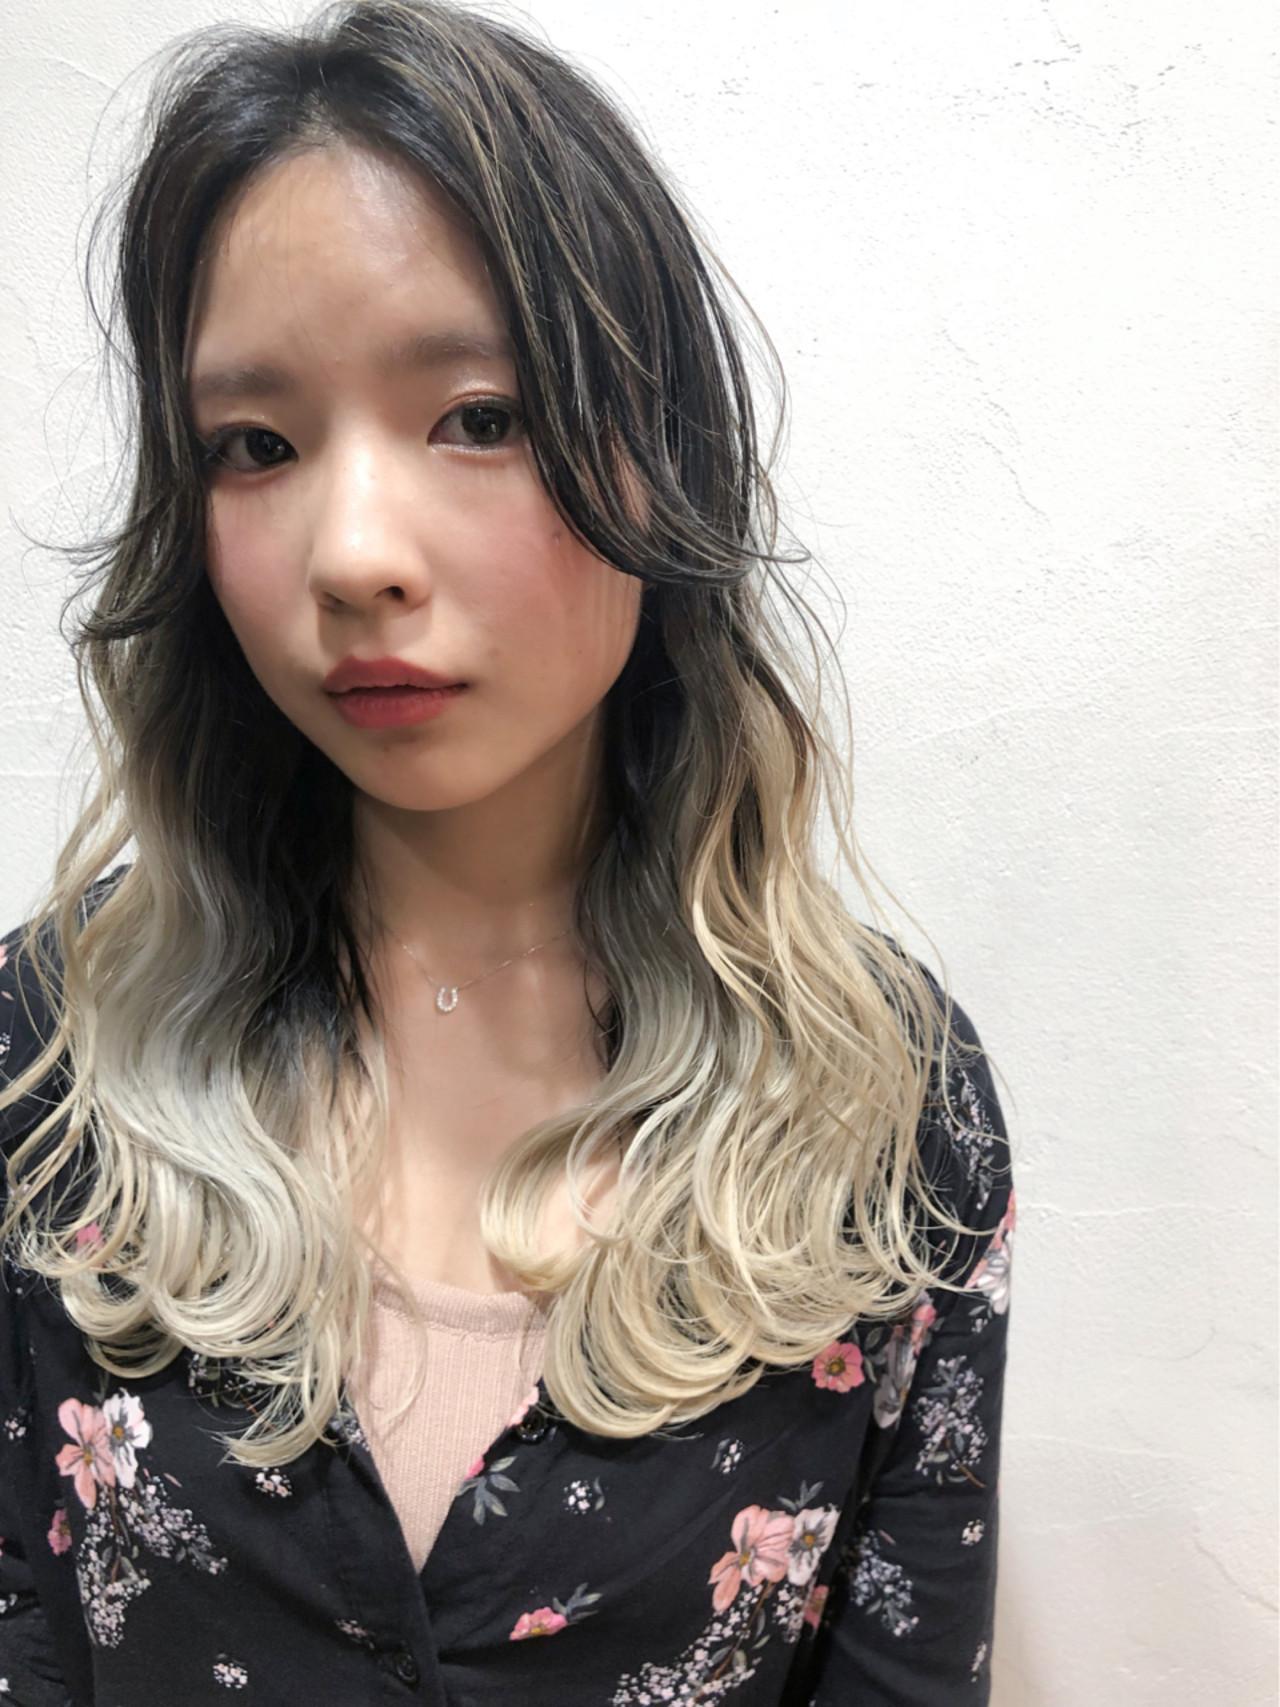 セミロング グラデーションカラー ストリート ハイトーン ヘアスタイルや髪型の写真・画像